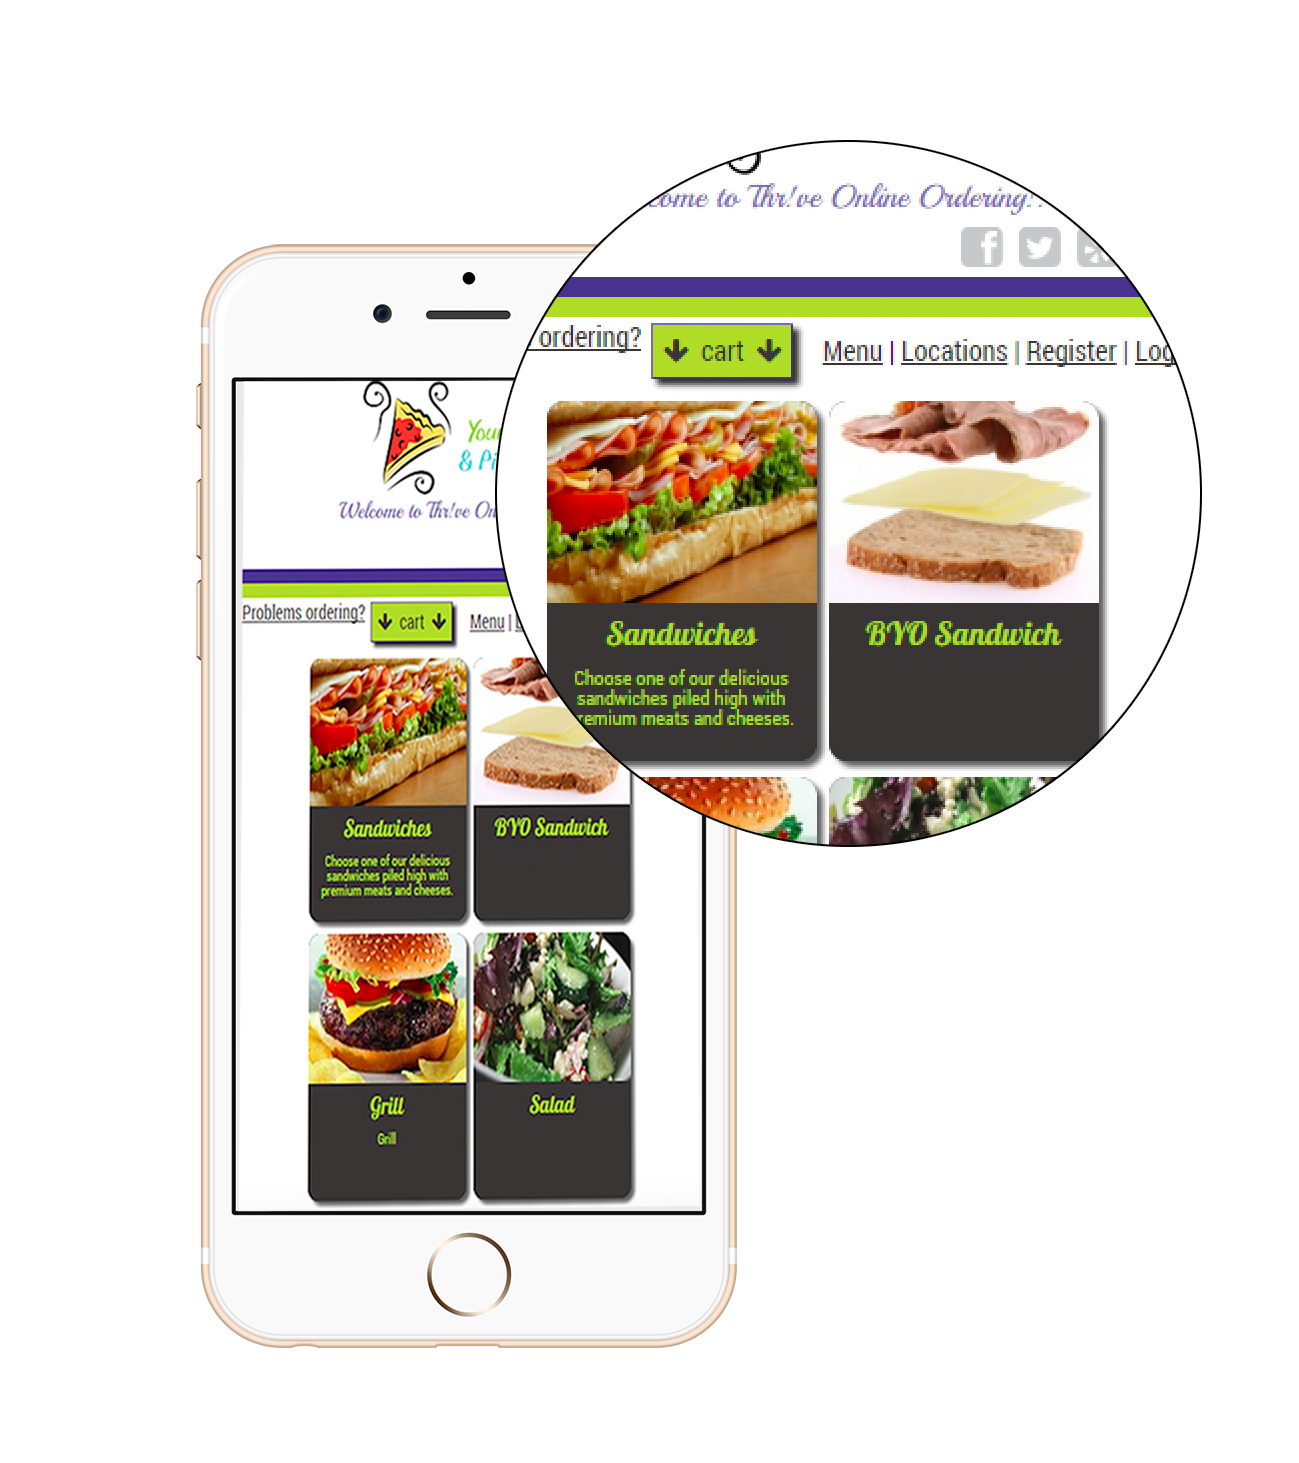 Restaurant Mobile Ordering